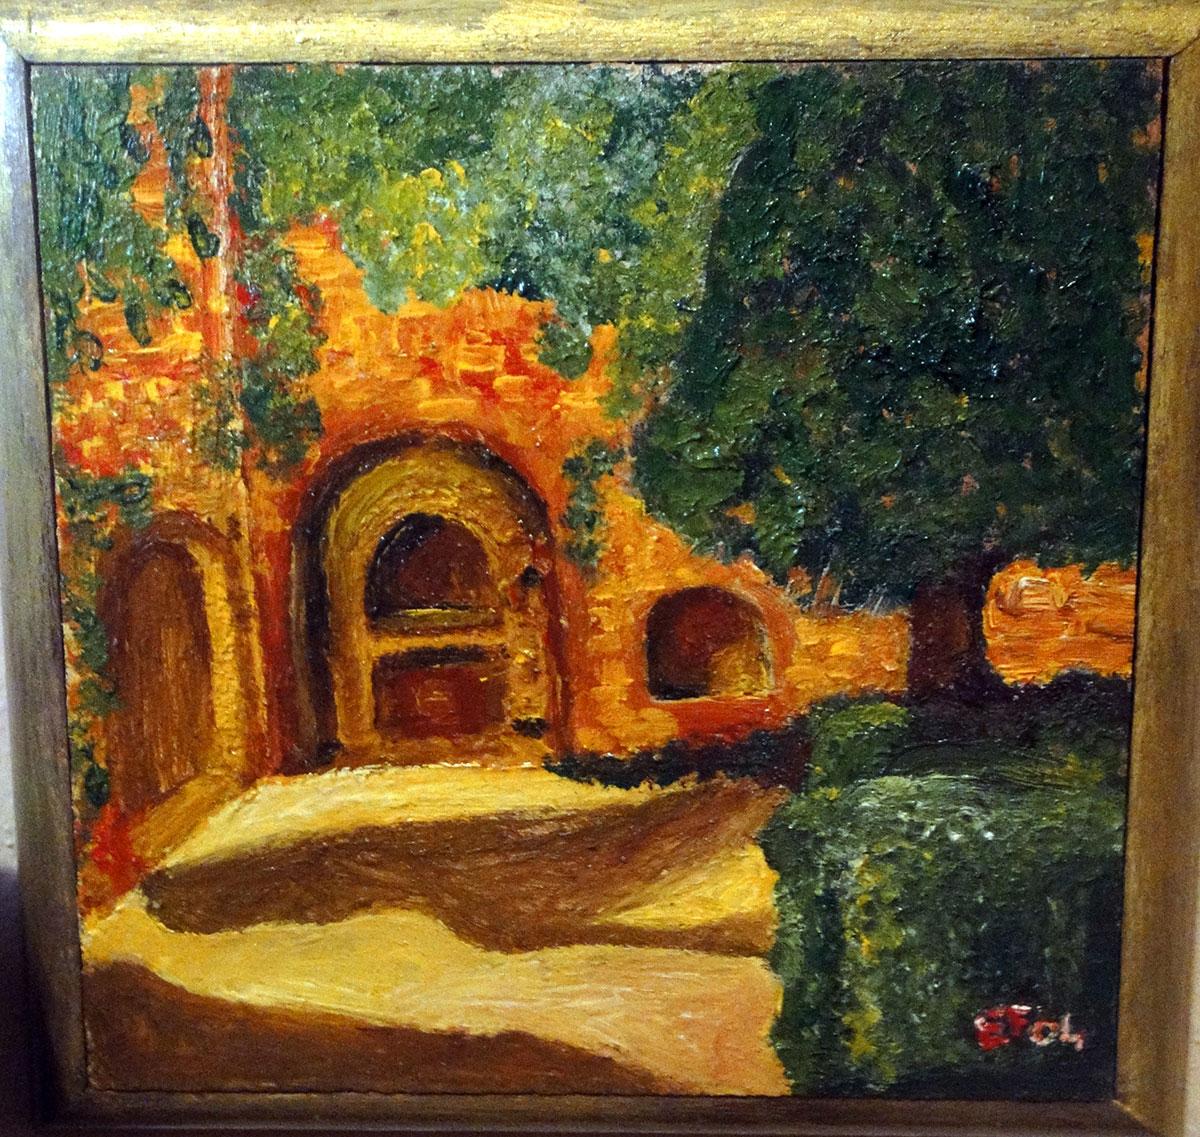 Angolo del borgo vecchio - su tavoletta di legno - 20x20cm - tecnica mista